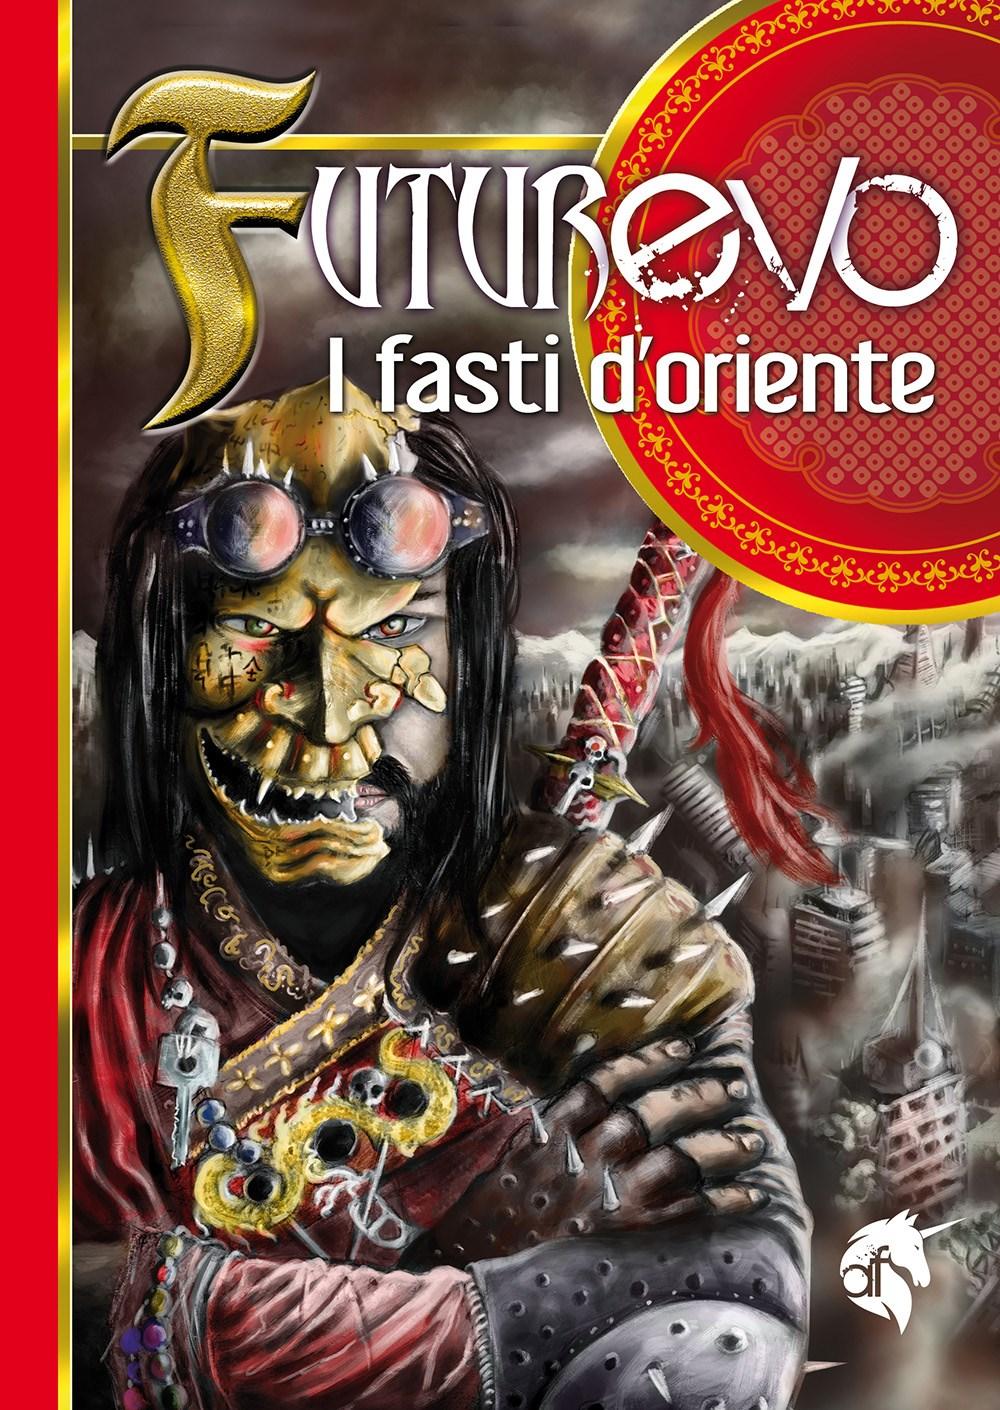 FuturEvo_cover_vol2